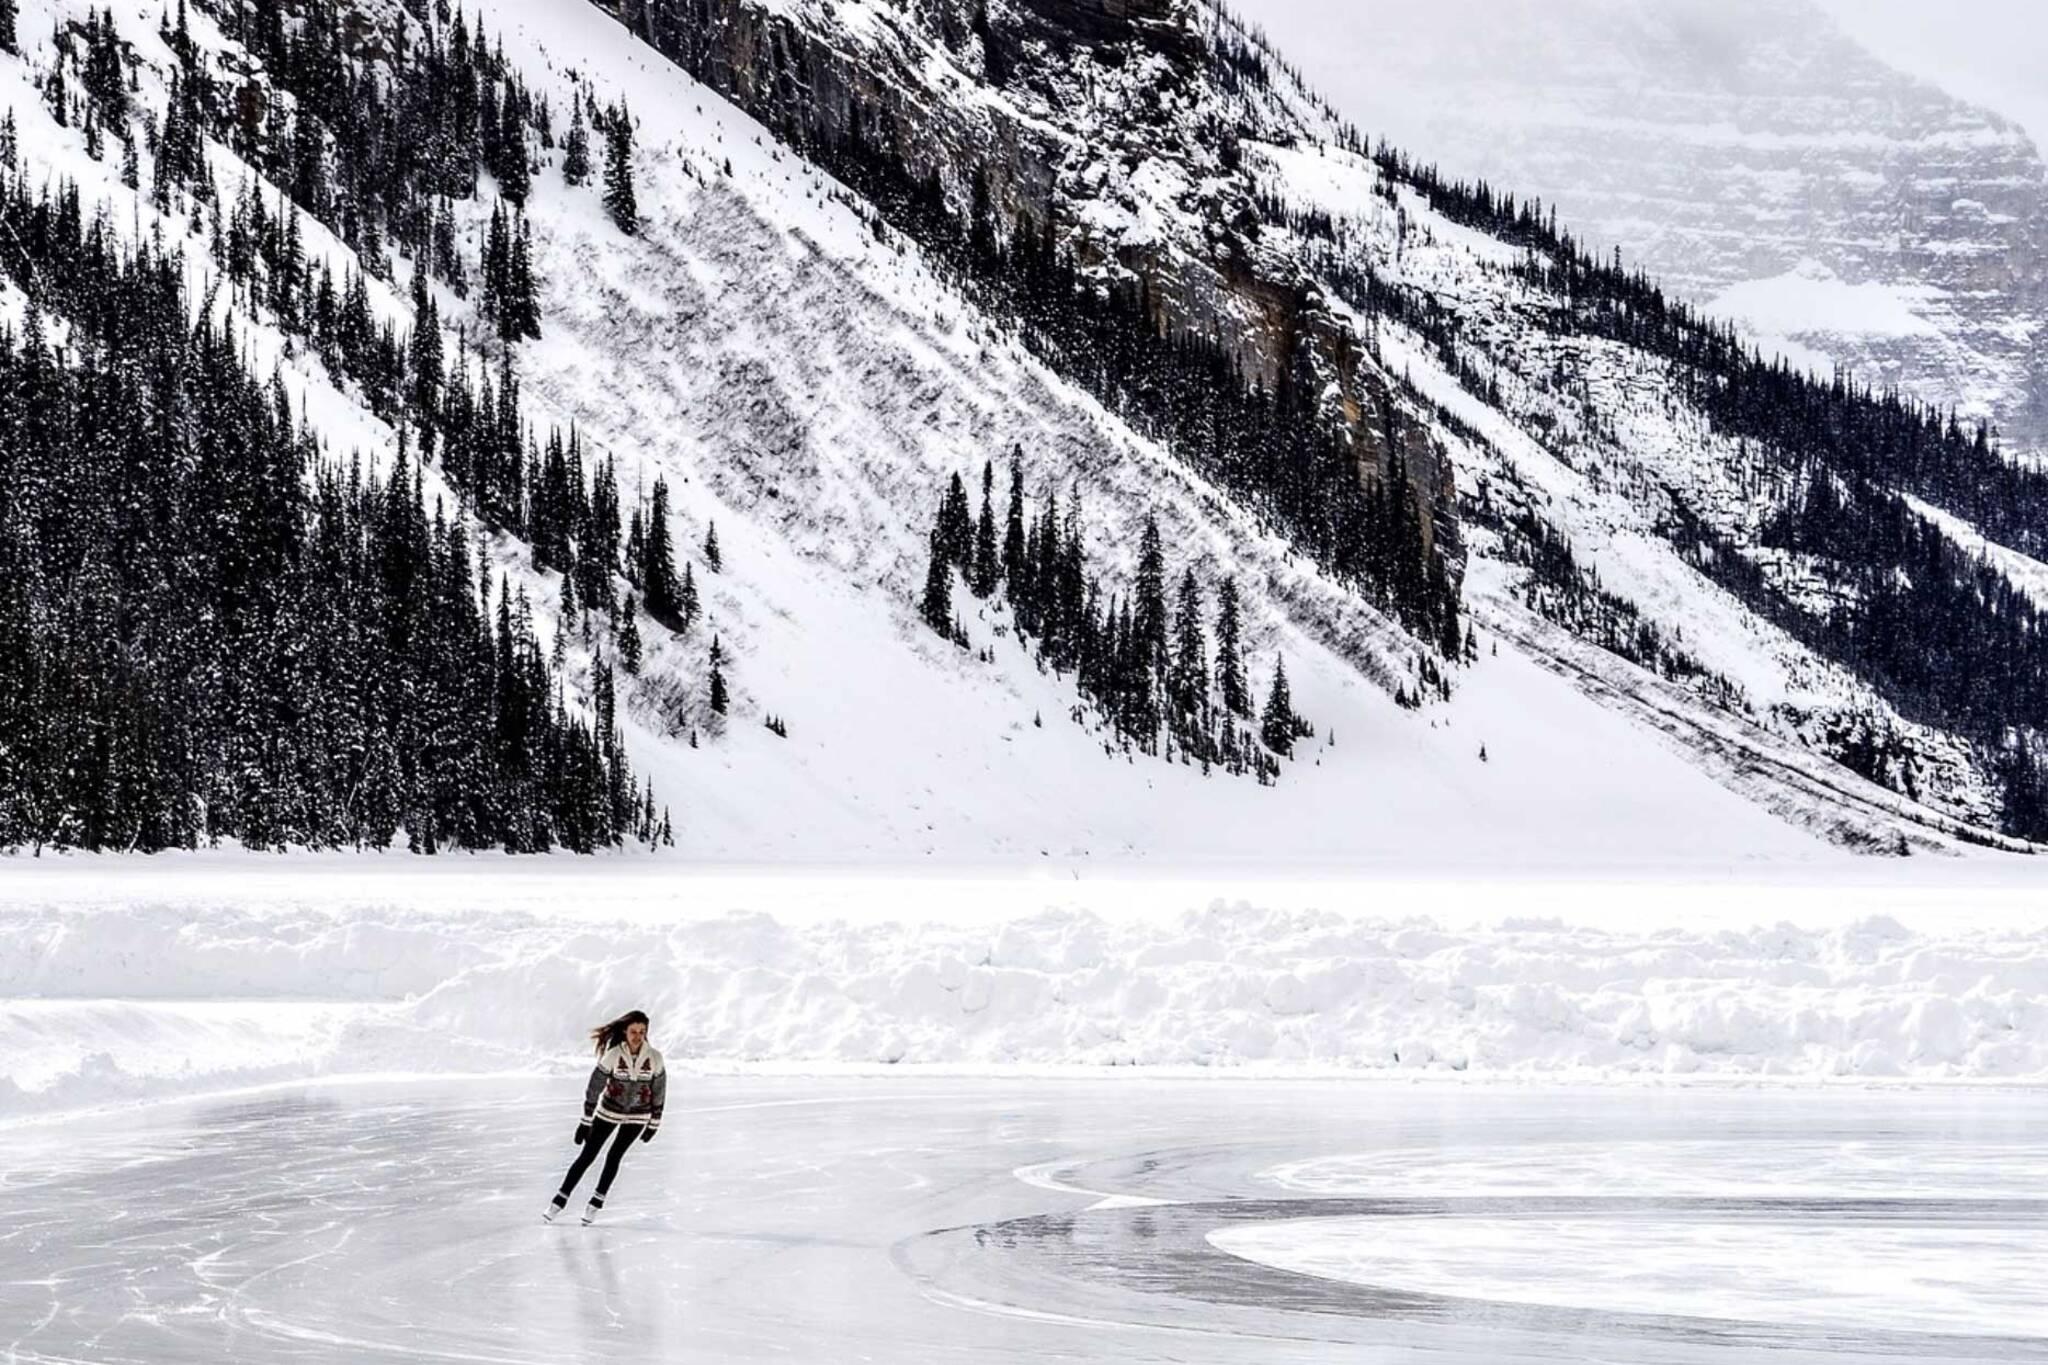 Ice Skating Canada